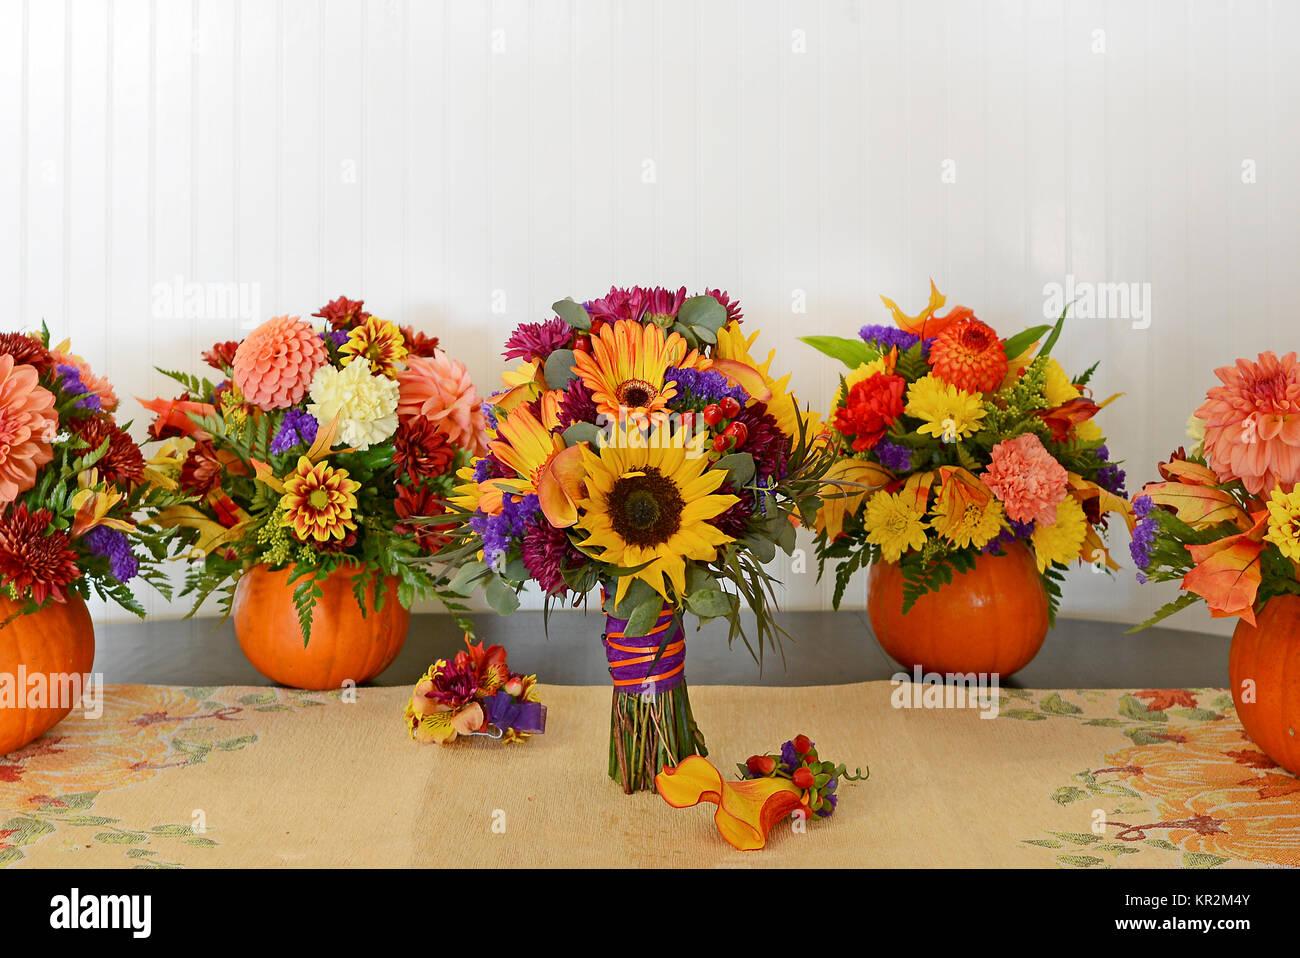 Foto Herbst Hochzeit Blumen Die Sonnenblume Brautstrauß Wird Durch